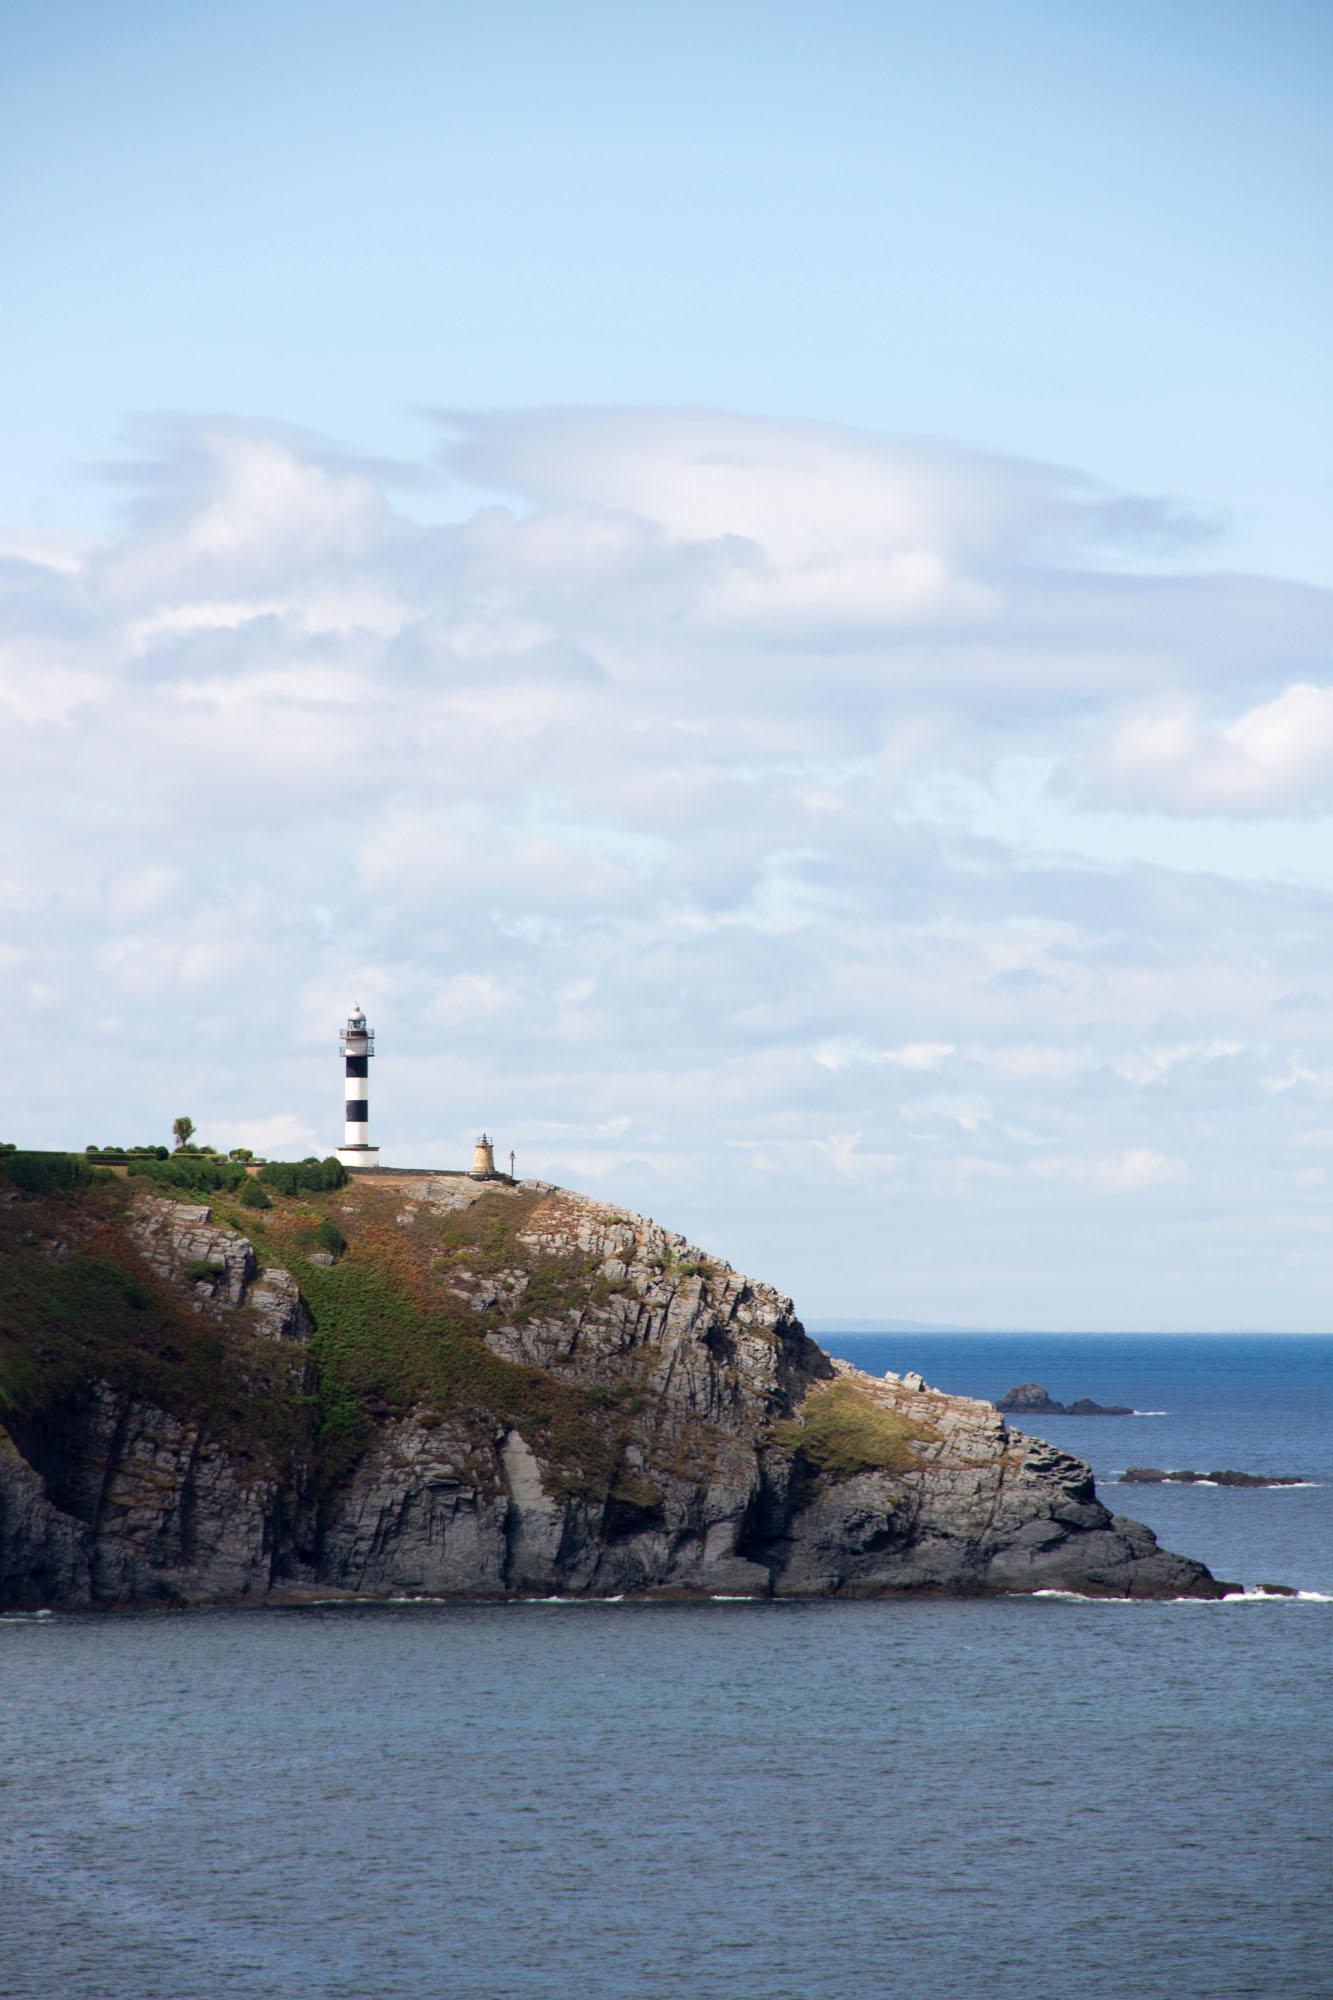 Lighthouse Asturias Vega